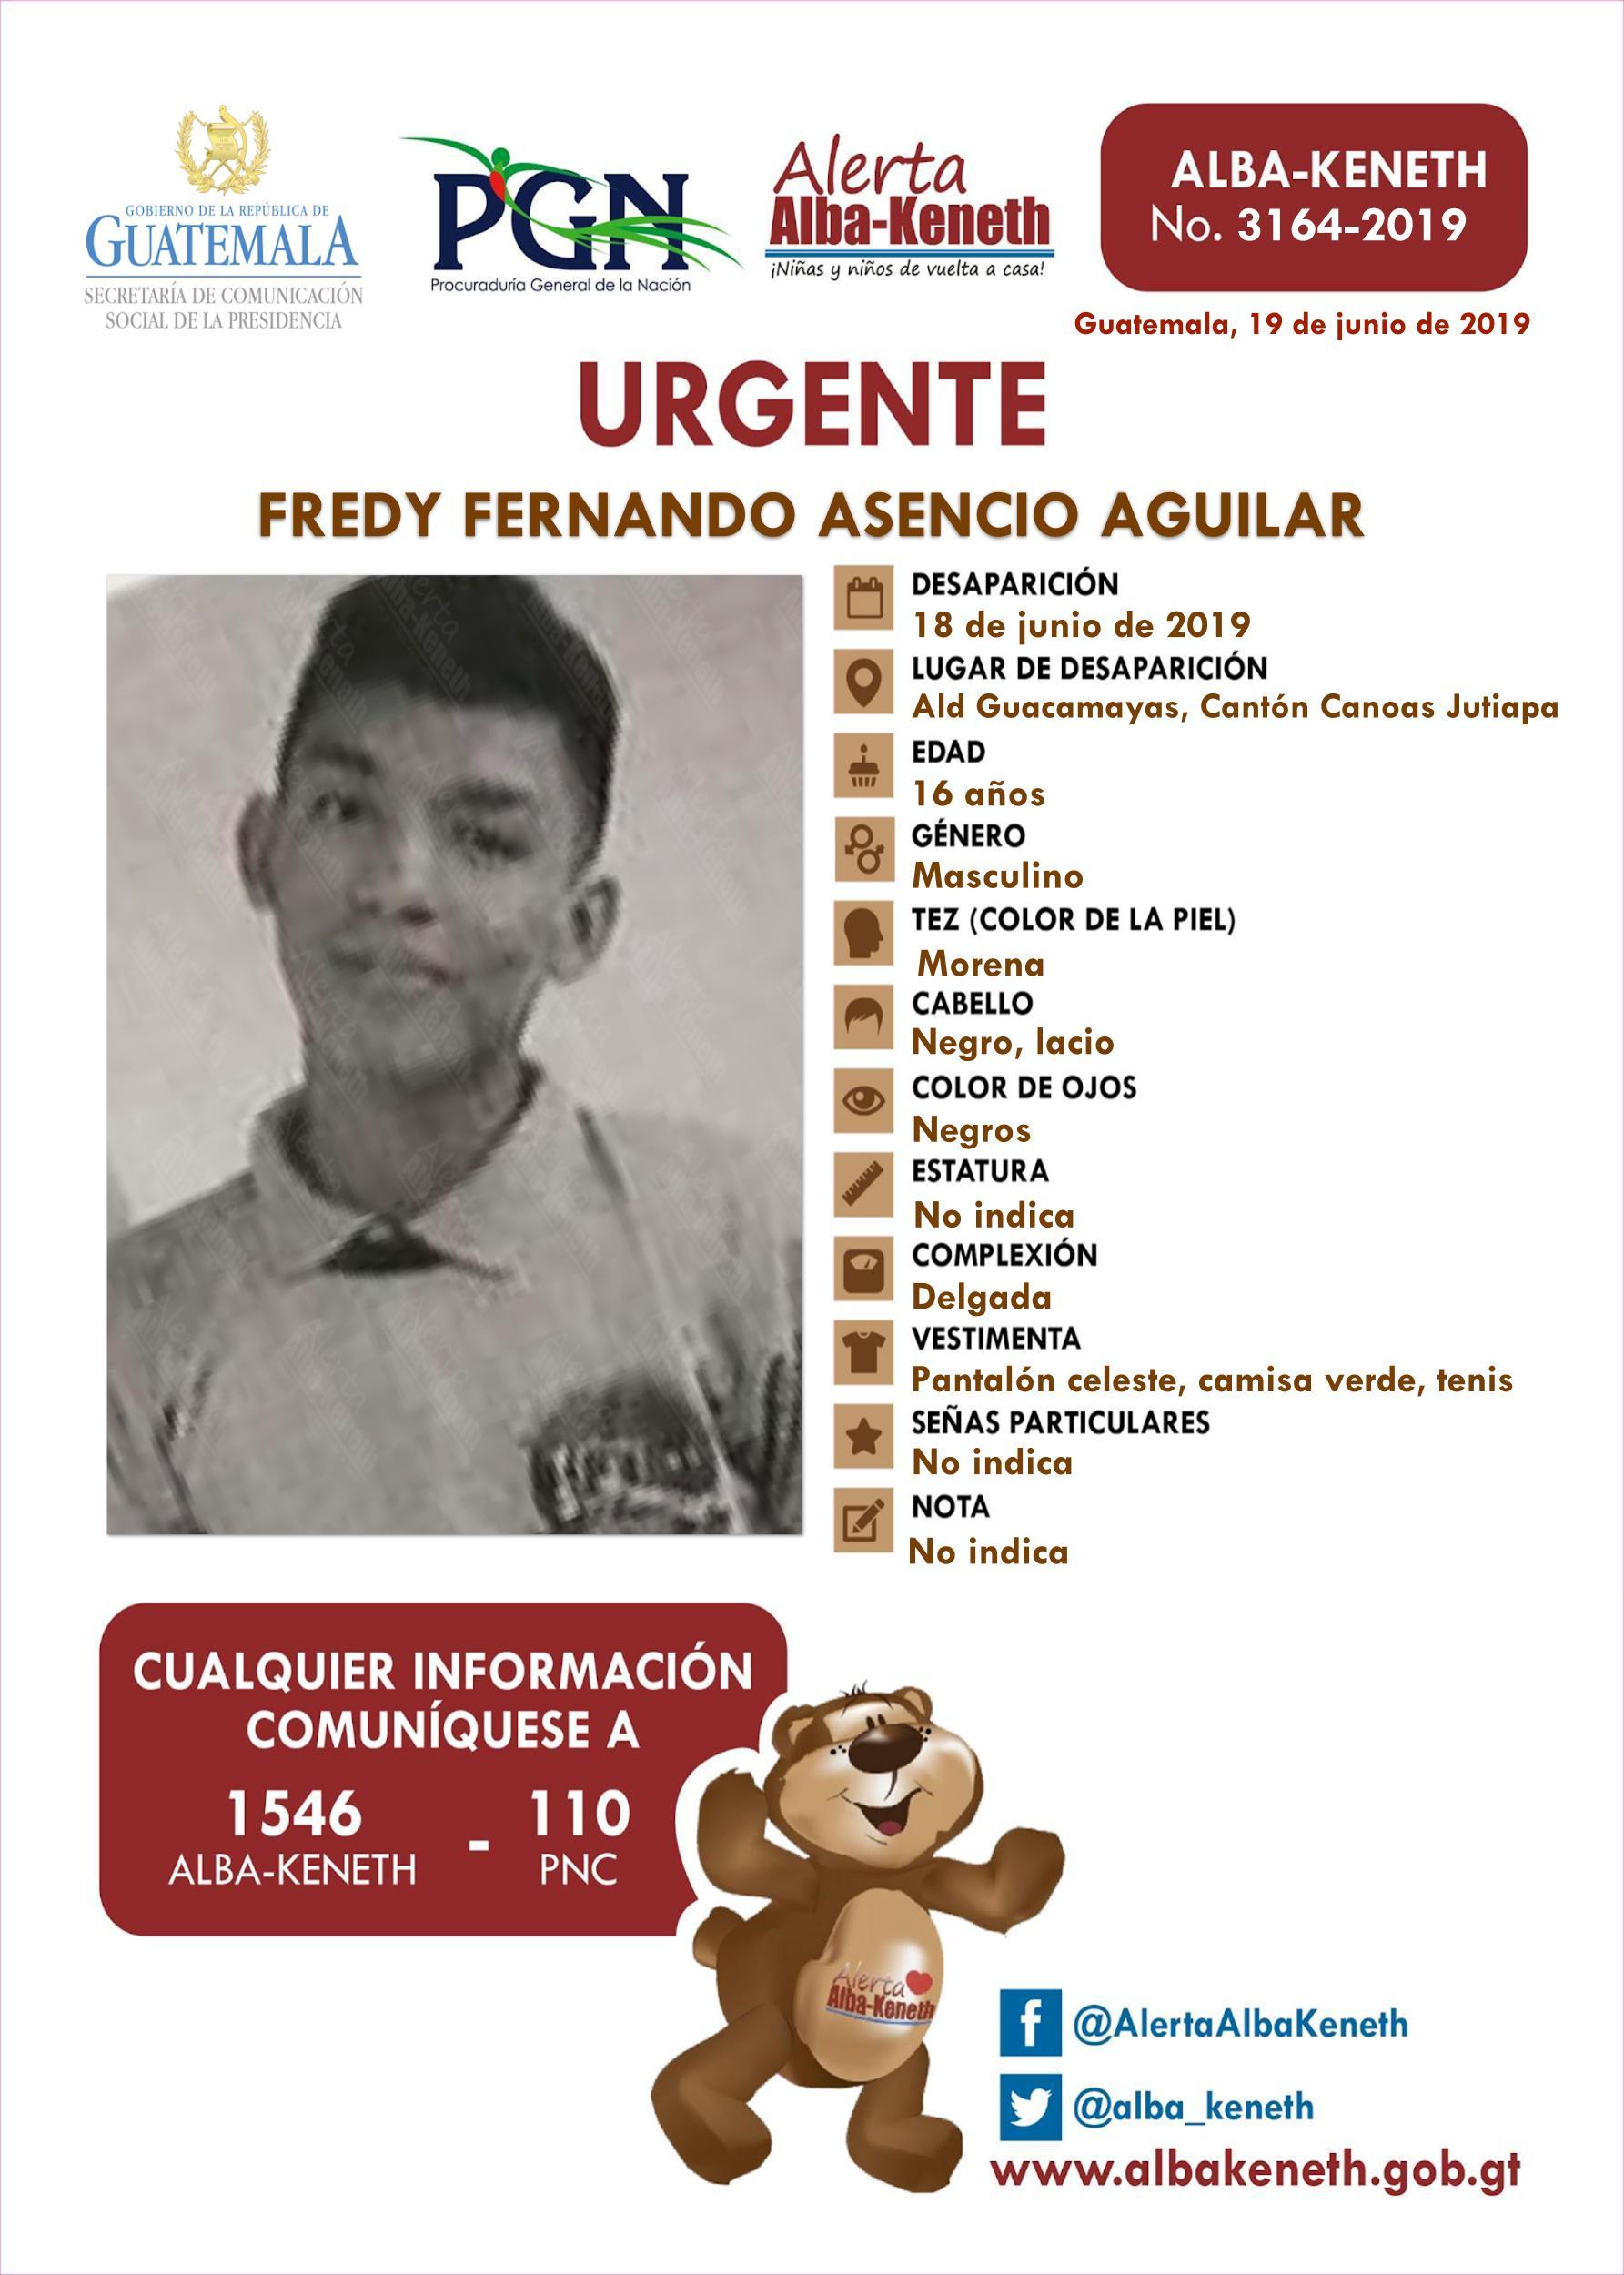 Fredy Fernando Asencio Aguilar